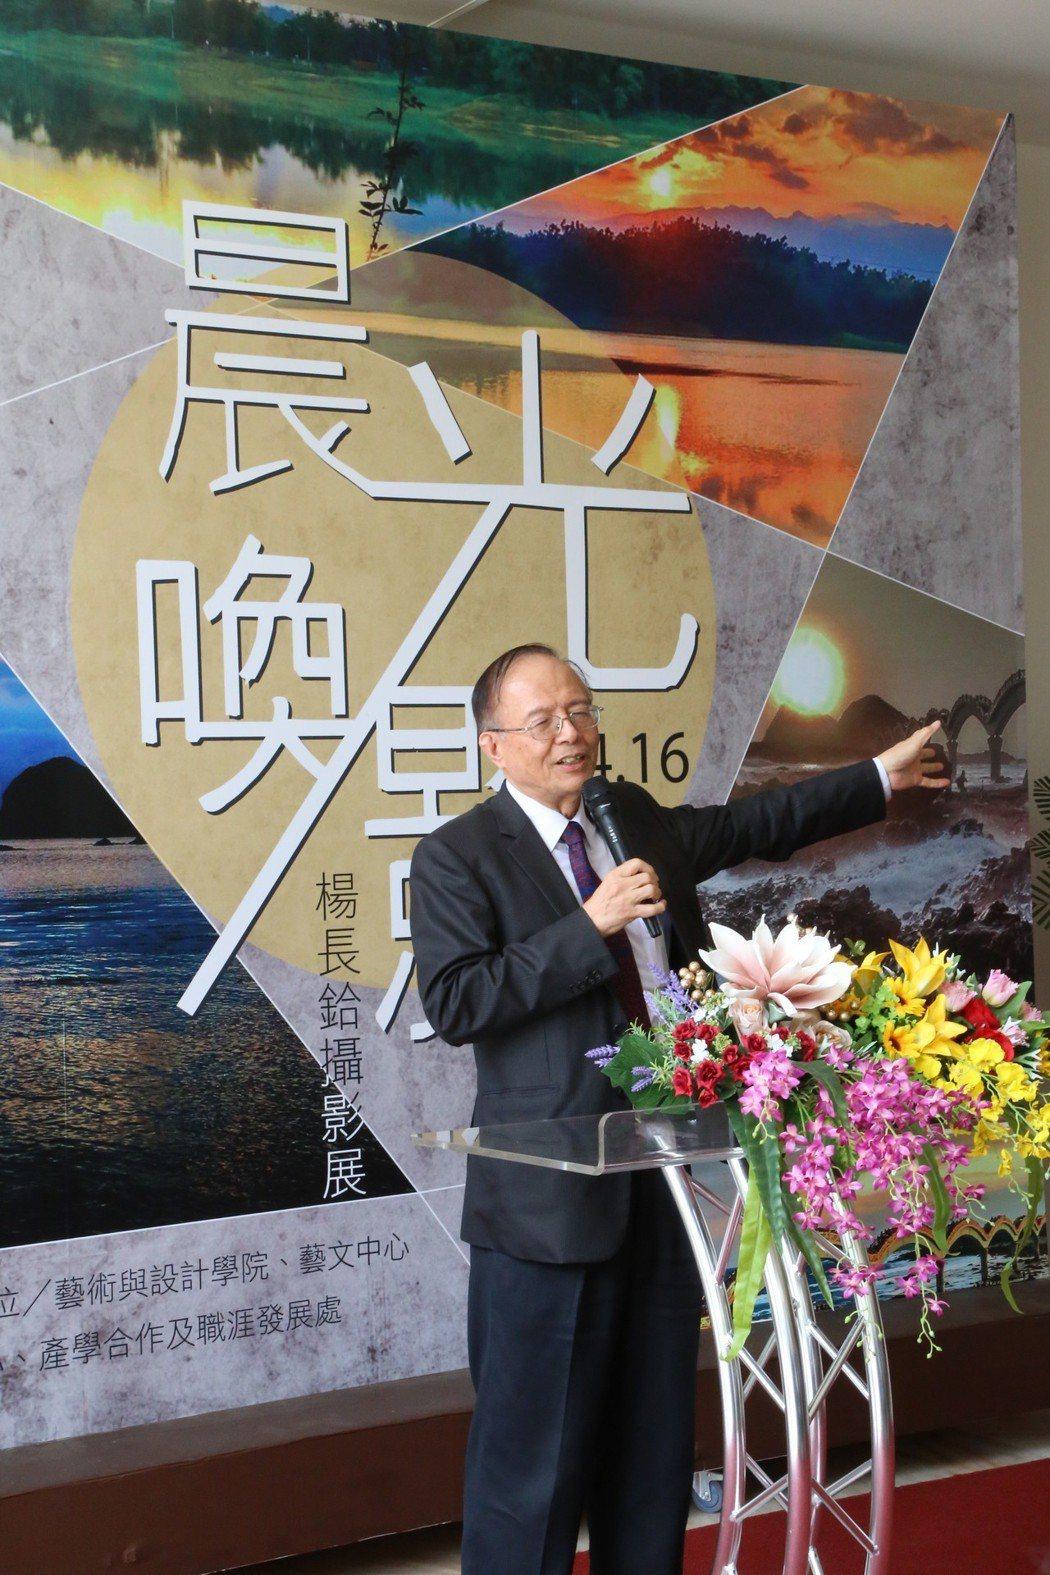 南華大學校長林聰明盛讚校友楊長鉿對教育的投入。圖/南華大學提供